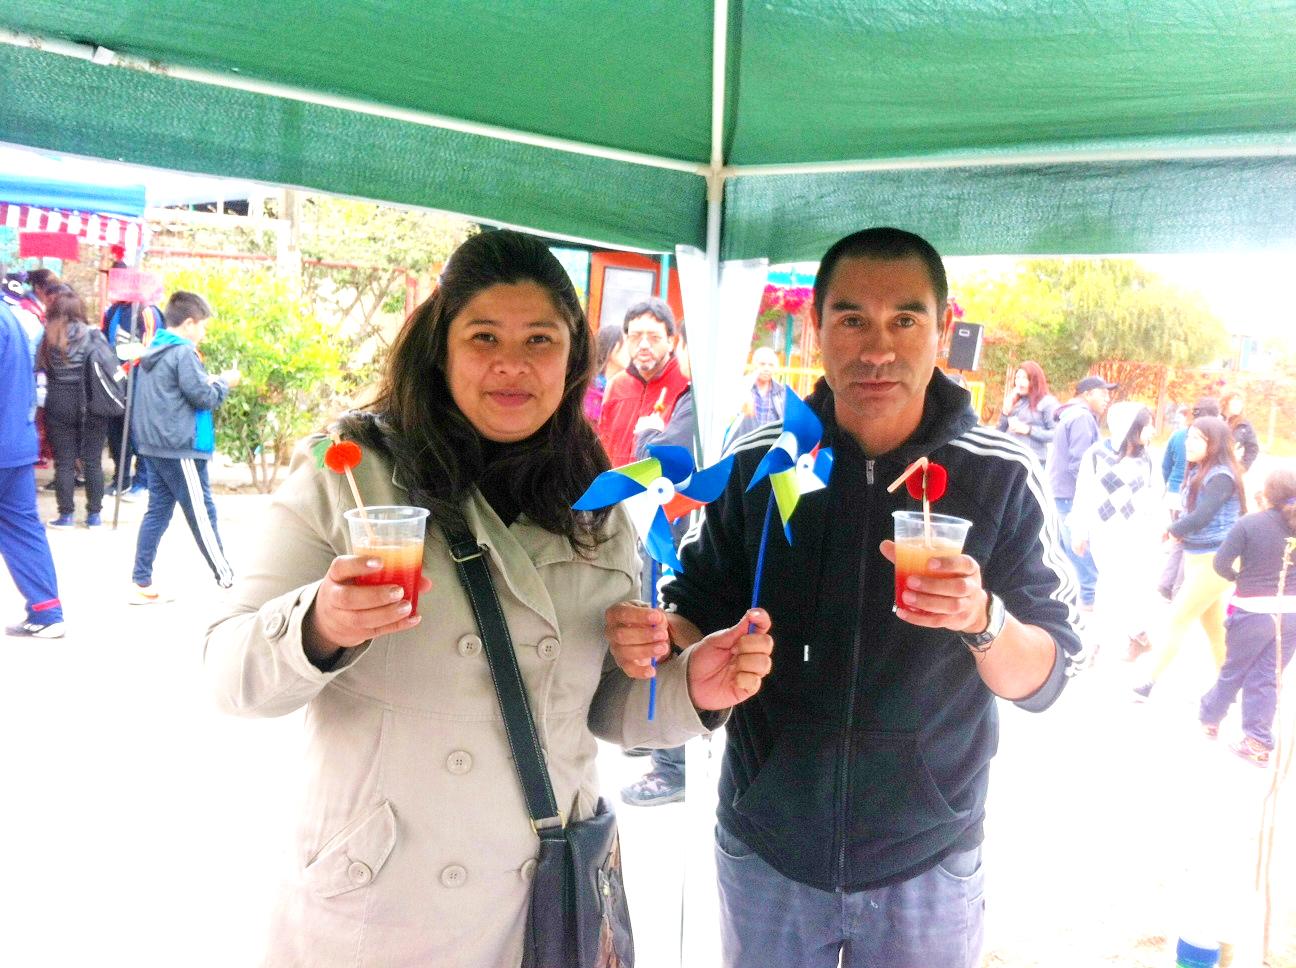 Con barra Cero Alcohol celebran aniversario de establecimiento educacional en Huasco